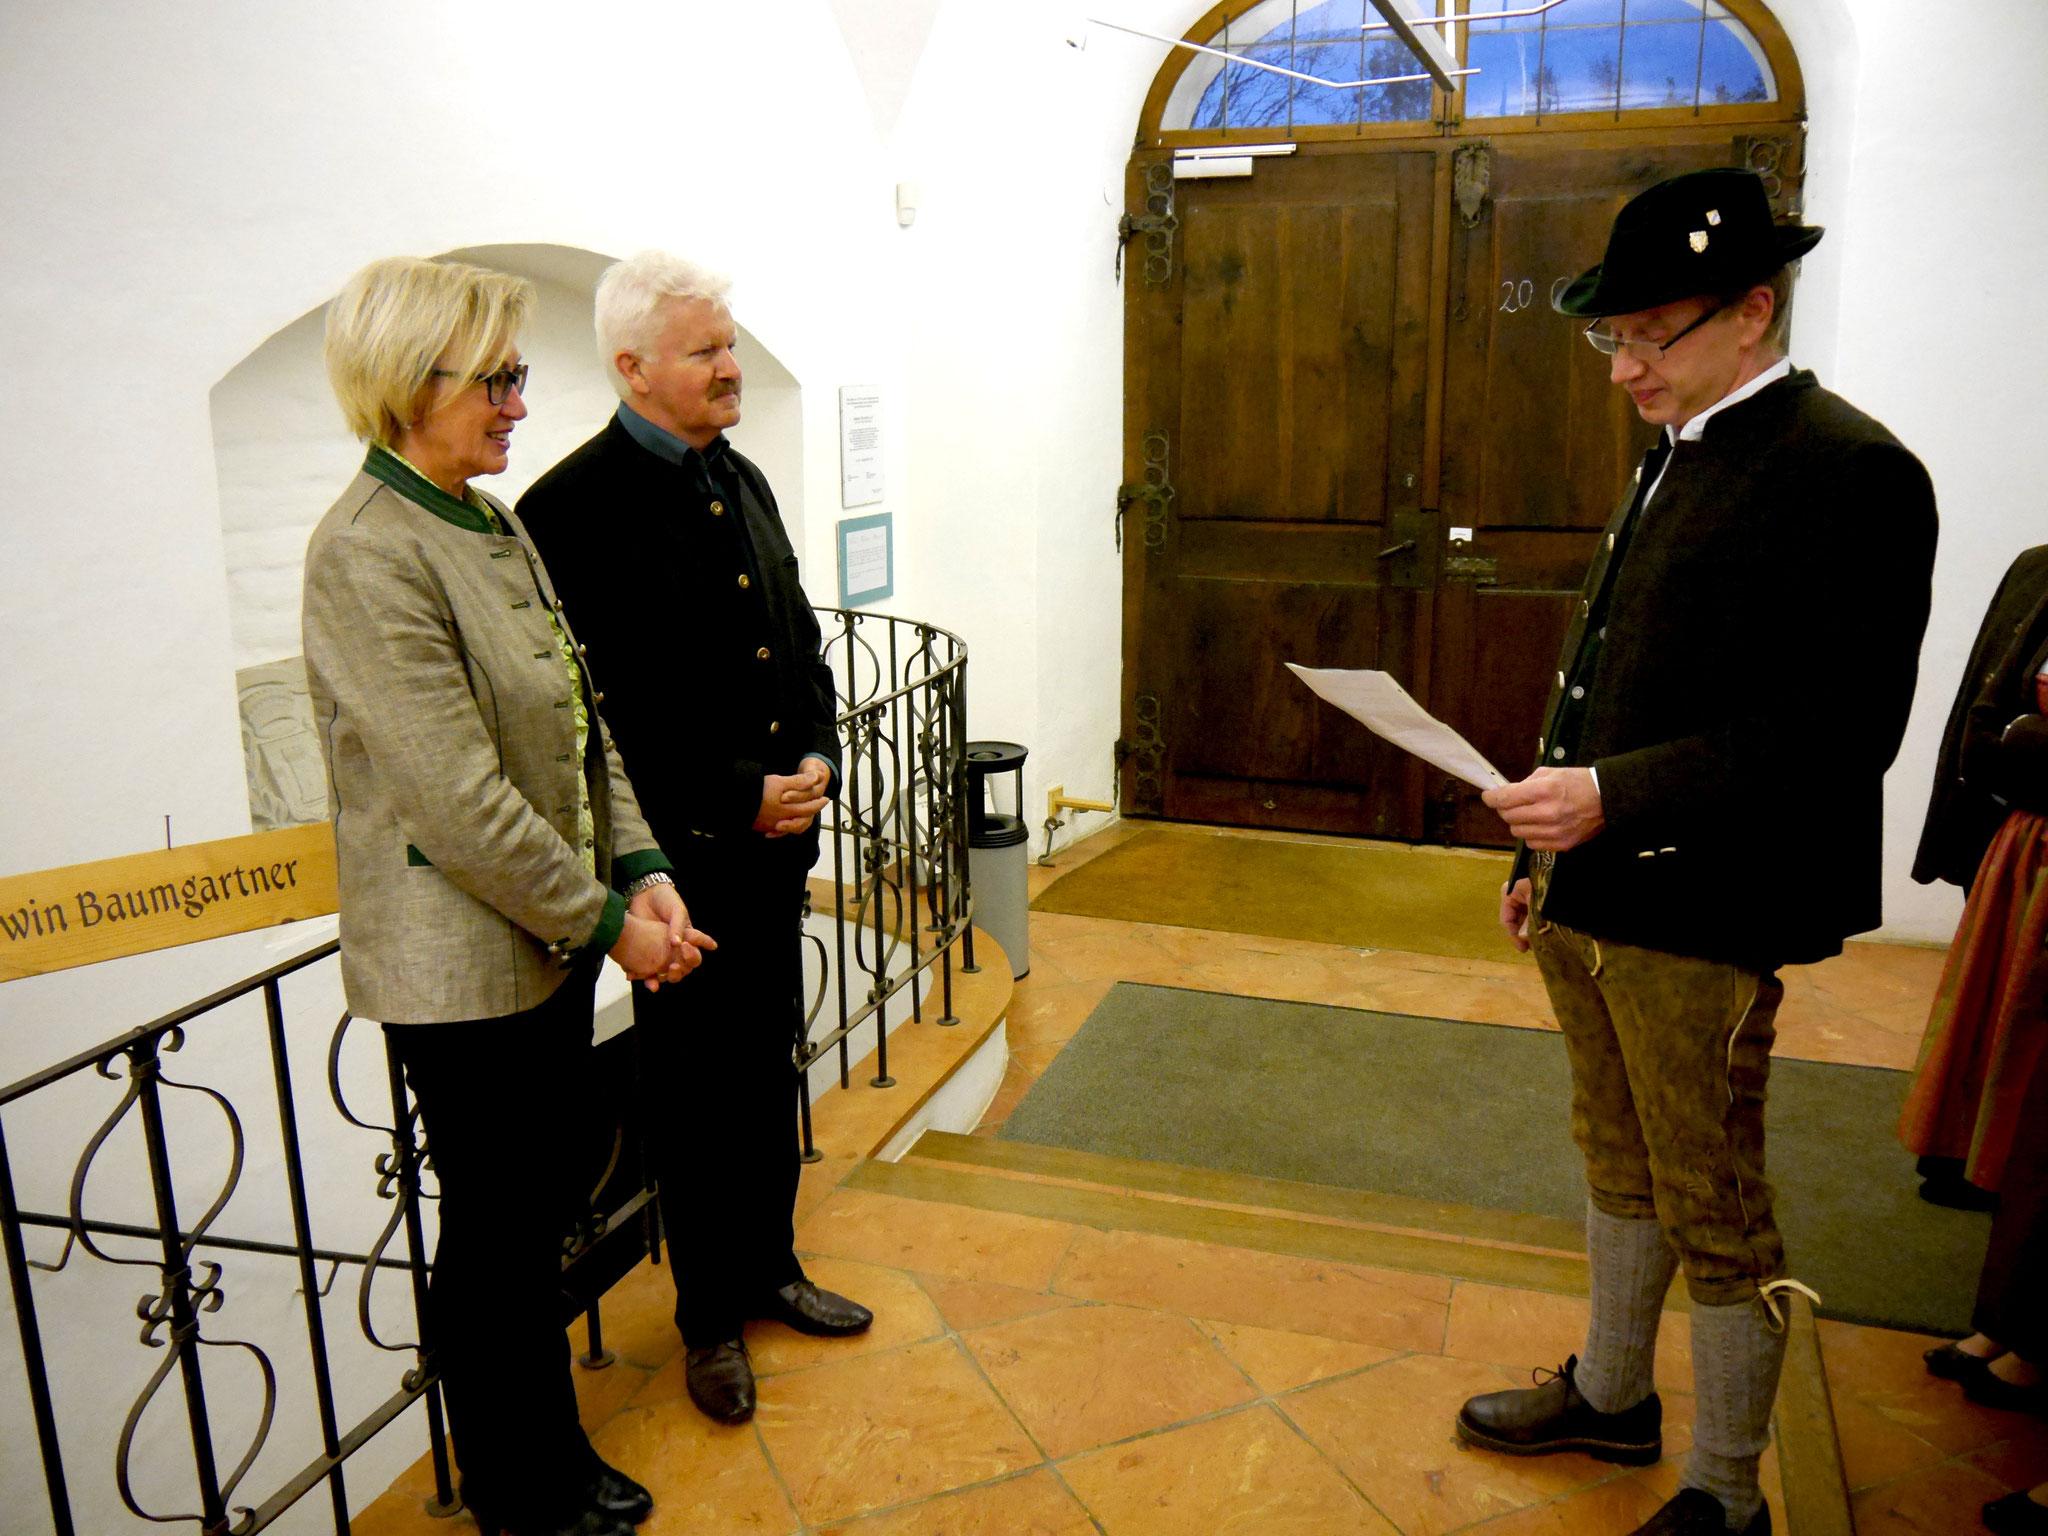 Martin Huber trat mit unserer Bitte vor Bürgermeister Erwin Baumgartner und dessen Gattin